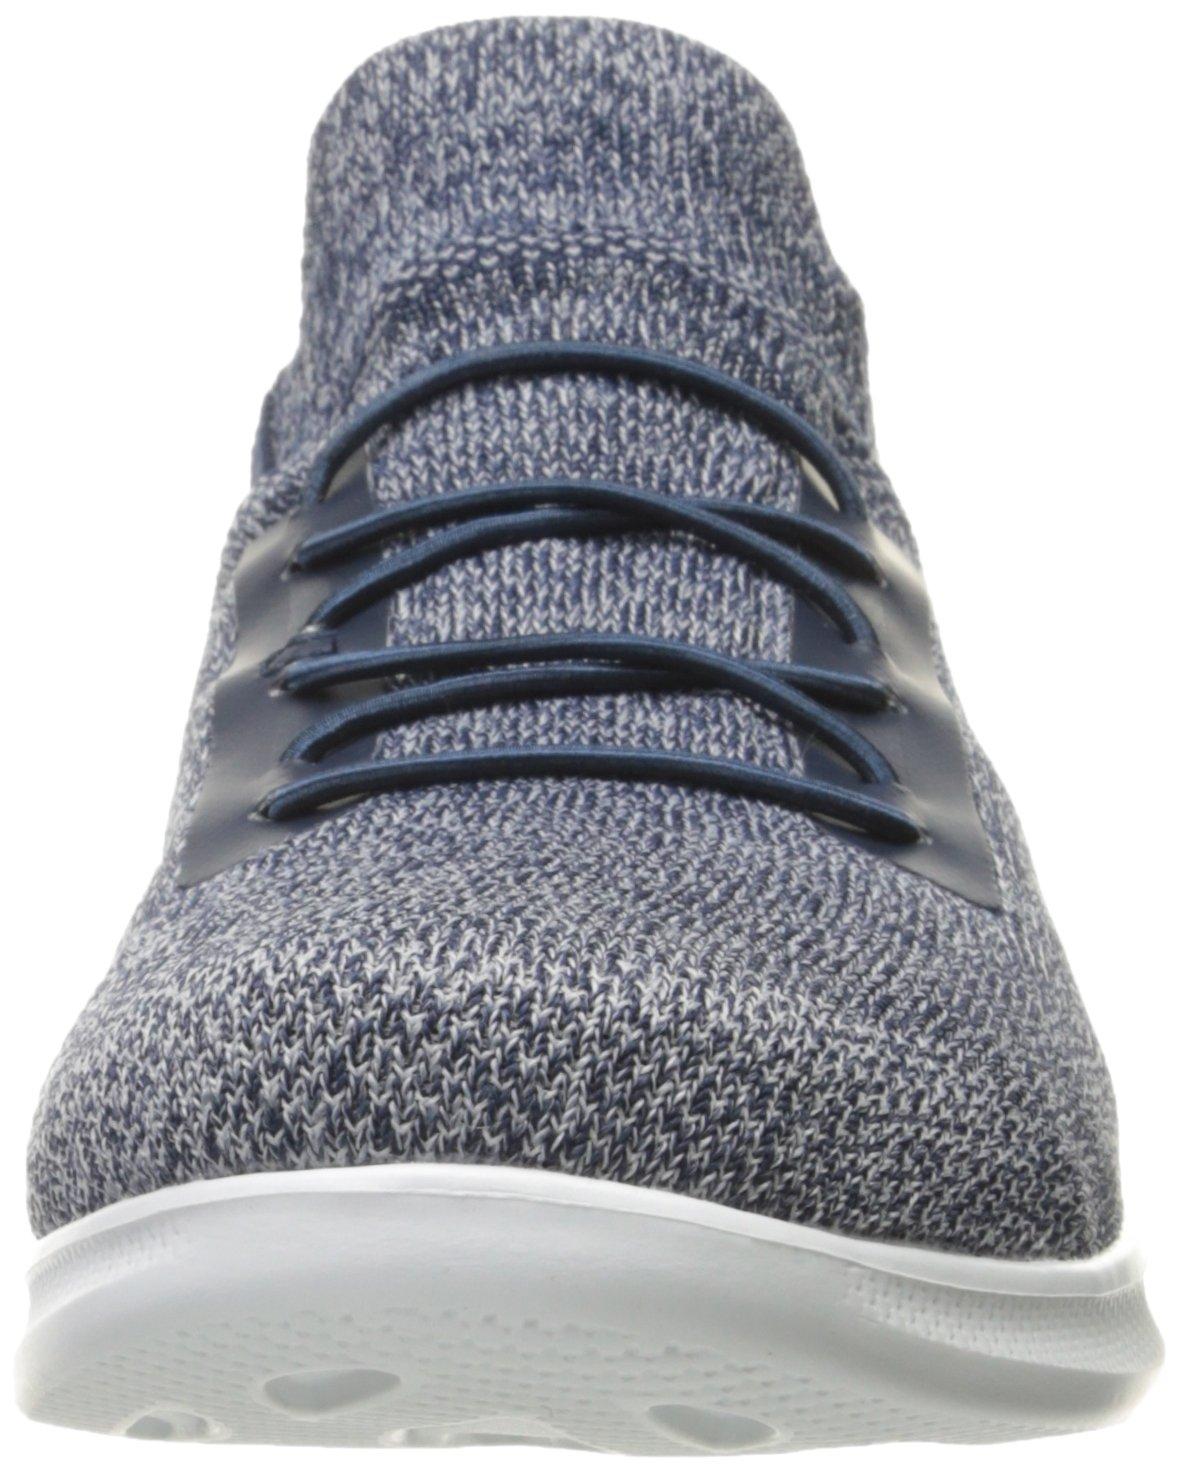 Skechers Damen Go Step Lite Sneakers im Slip-on Stil Zwischensohle Zum Hineinschlüpfen mit Einer Zwischensohle Stil aus GOGA Max™ Technology 5GEN® Blau (Navy Weiß) 4c0e12